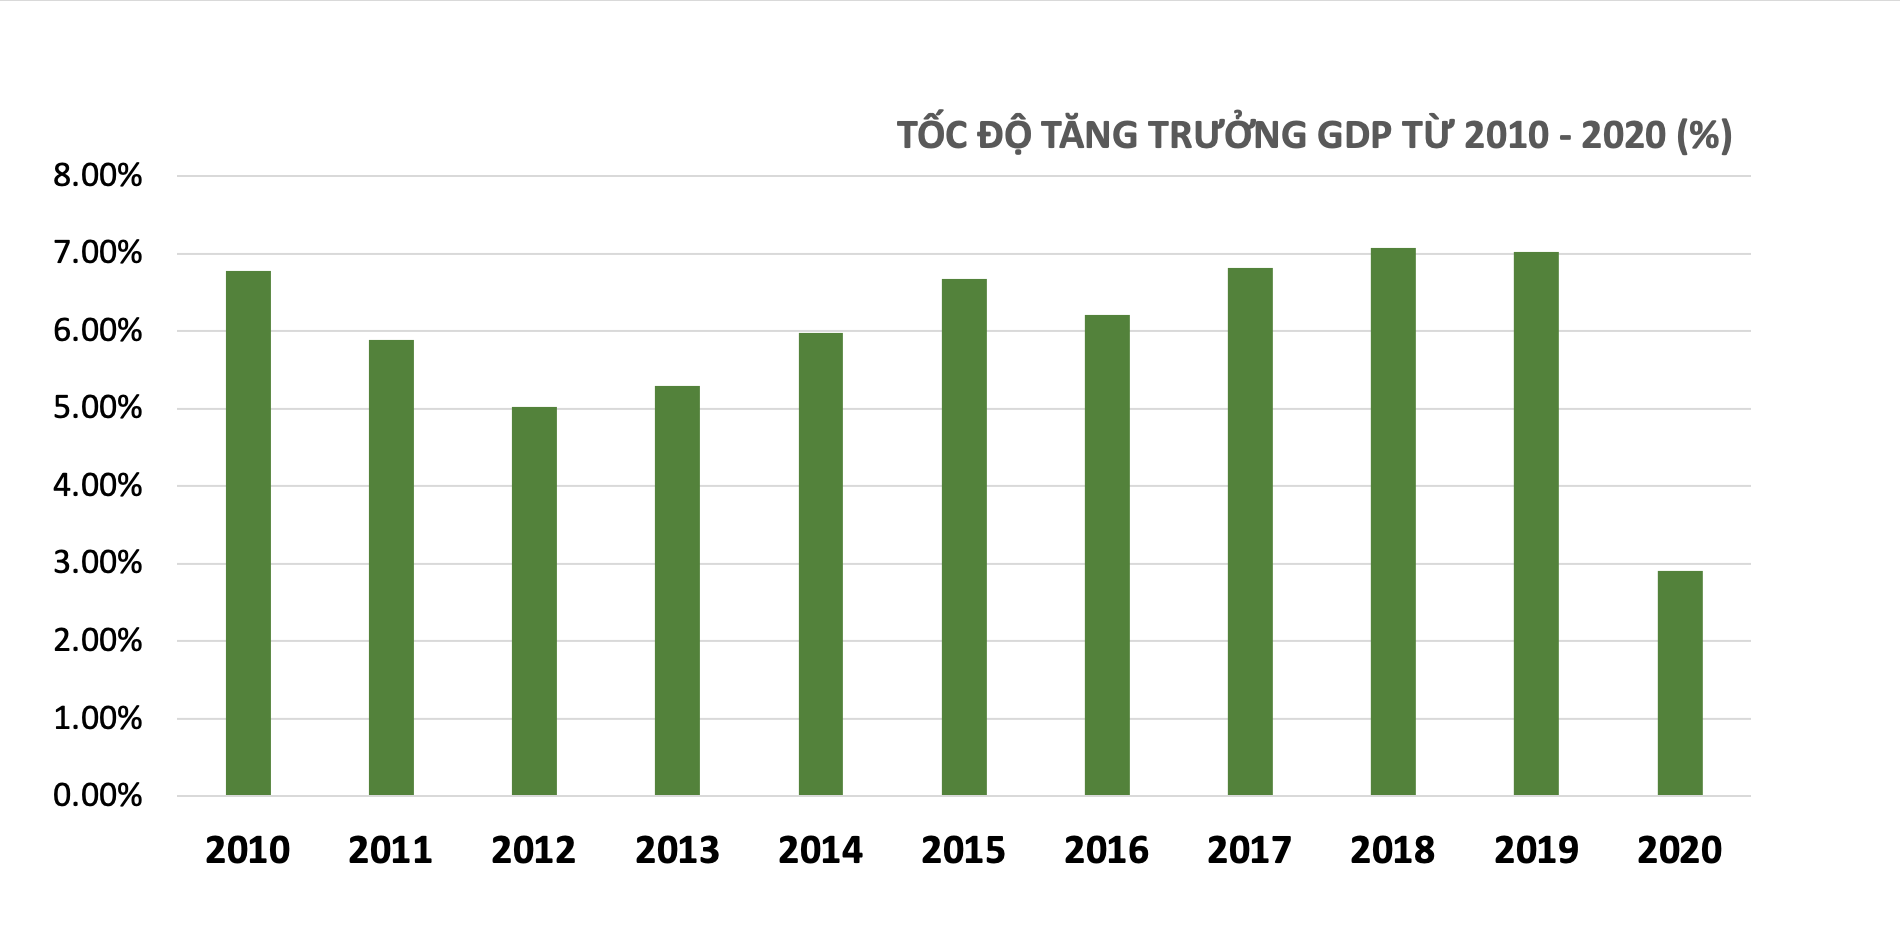 Kinh tế Việt Nam năm 2035 xếp 19 thế giới: Đừng chỉ hoài nghi, cười khẩy! - 4